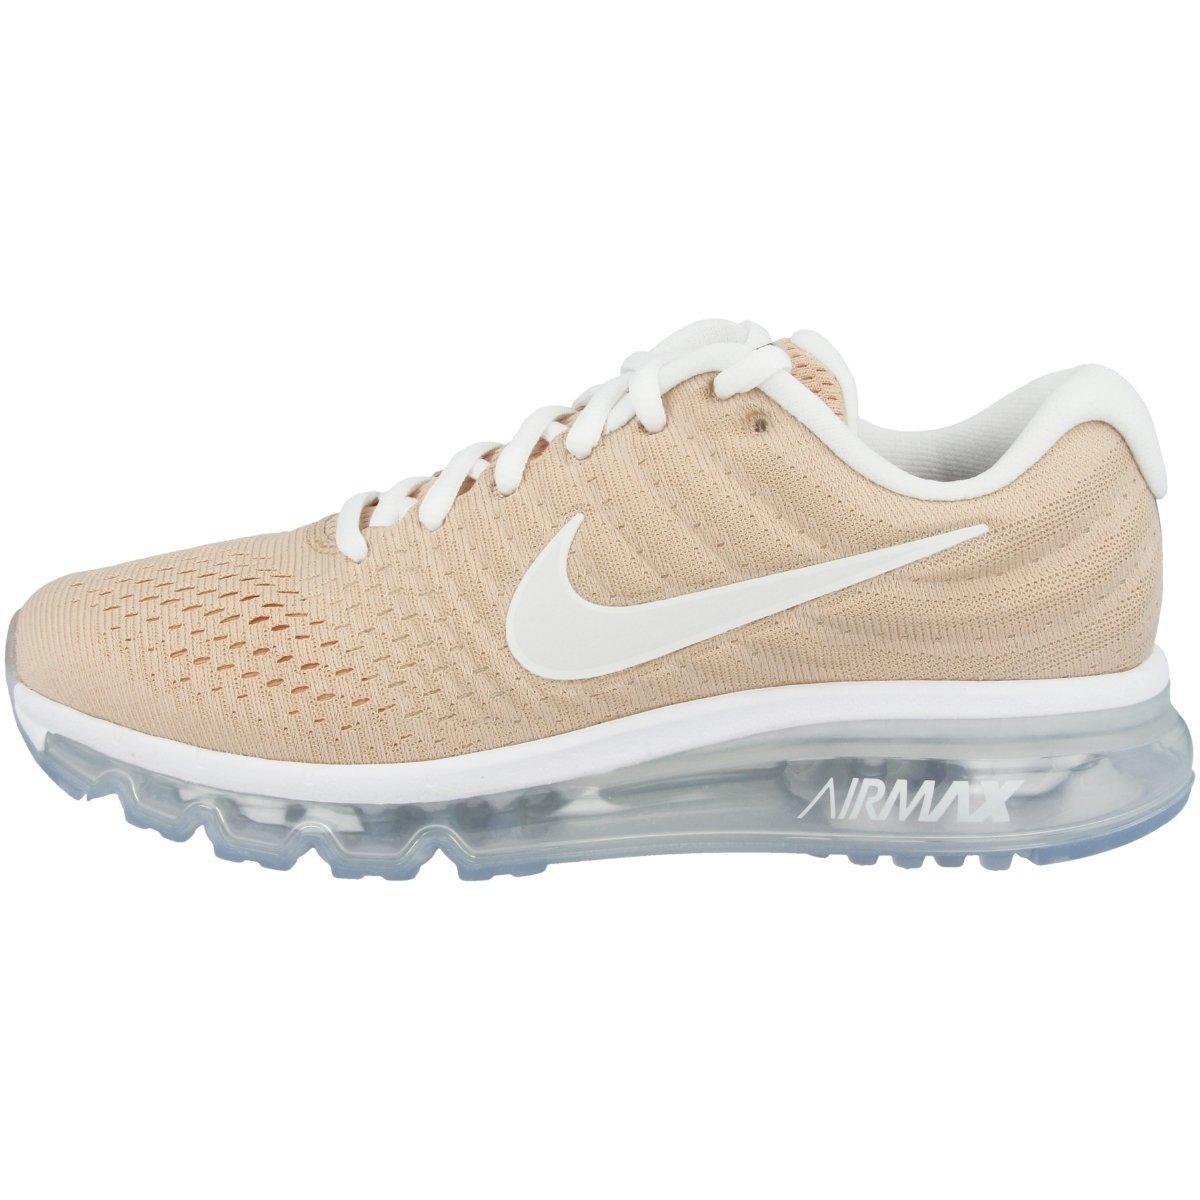 Nike Tiempo Genio II Leather AG-r, Botas de fútbol para Hombre: Amazon.es: Zapatos y complementos